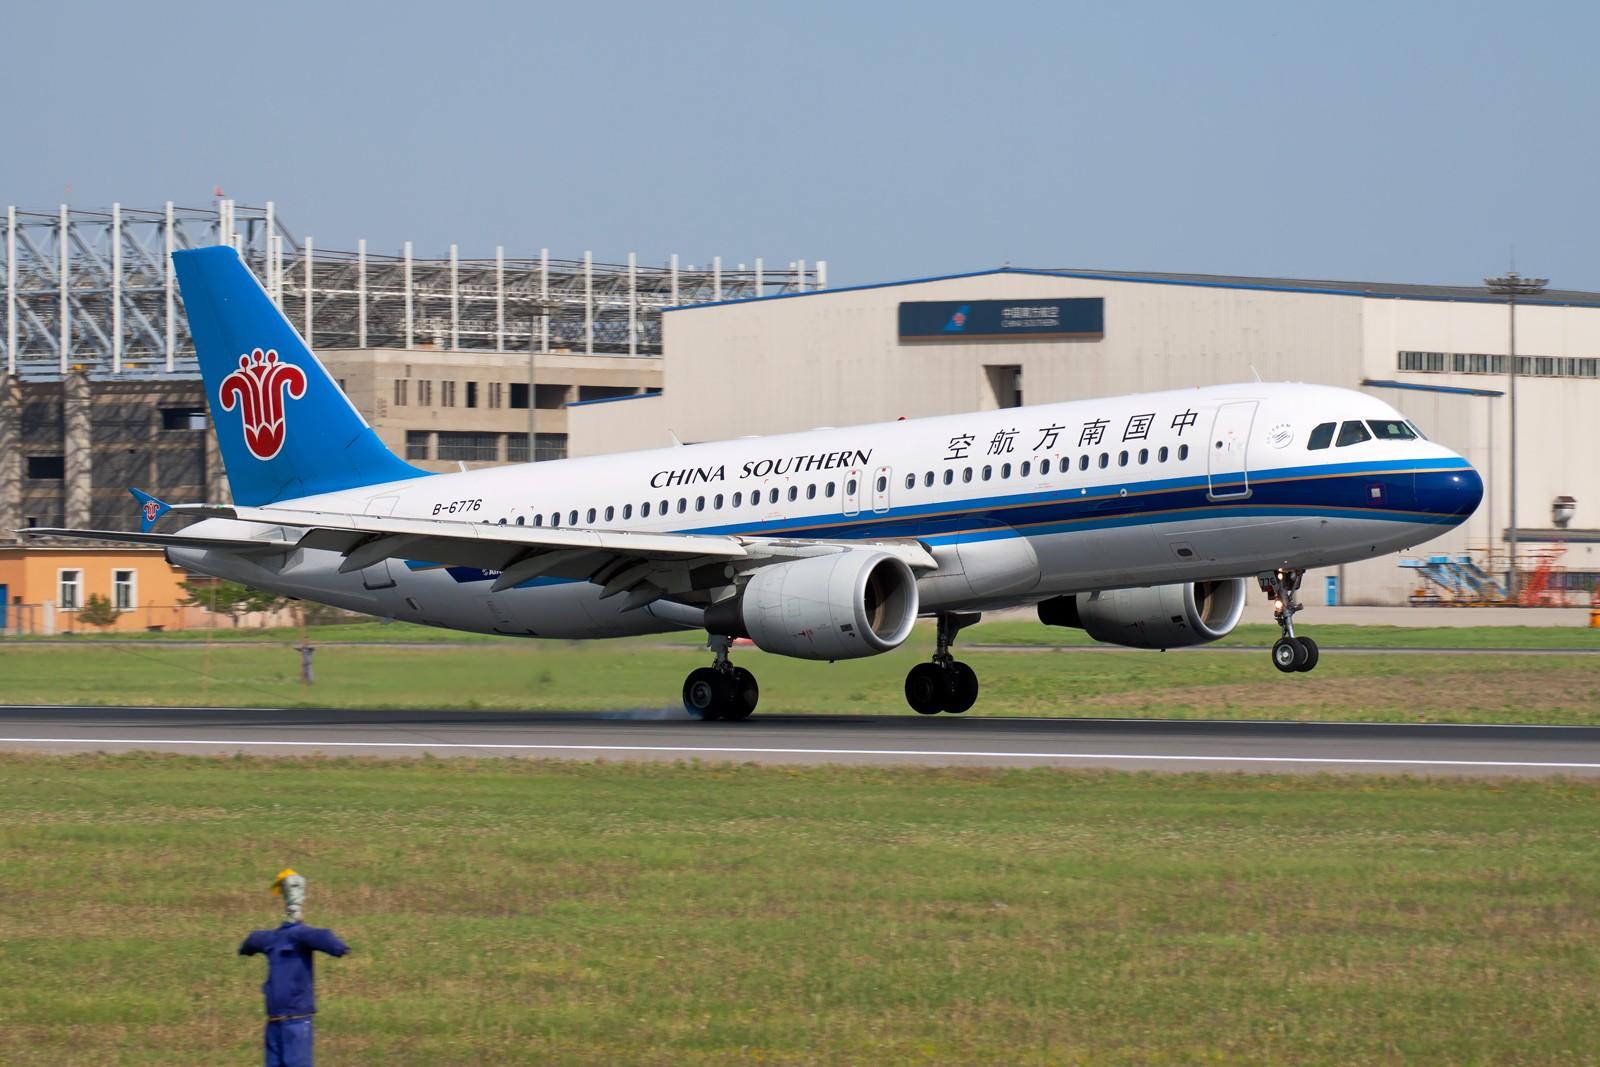 Re:[原创]周末SHE拍机组图【20P】 AIRBUS A320-214 B-6776 中国沈阳桃仙机场